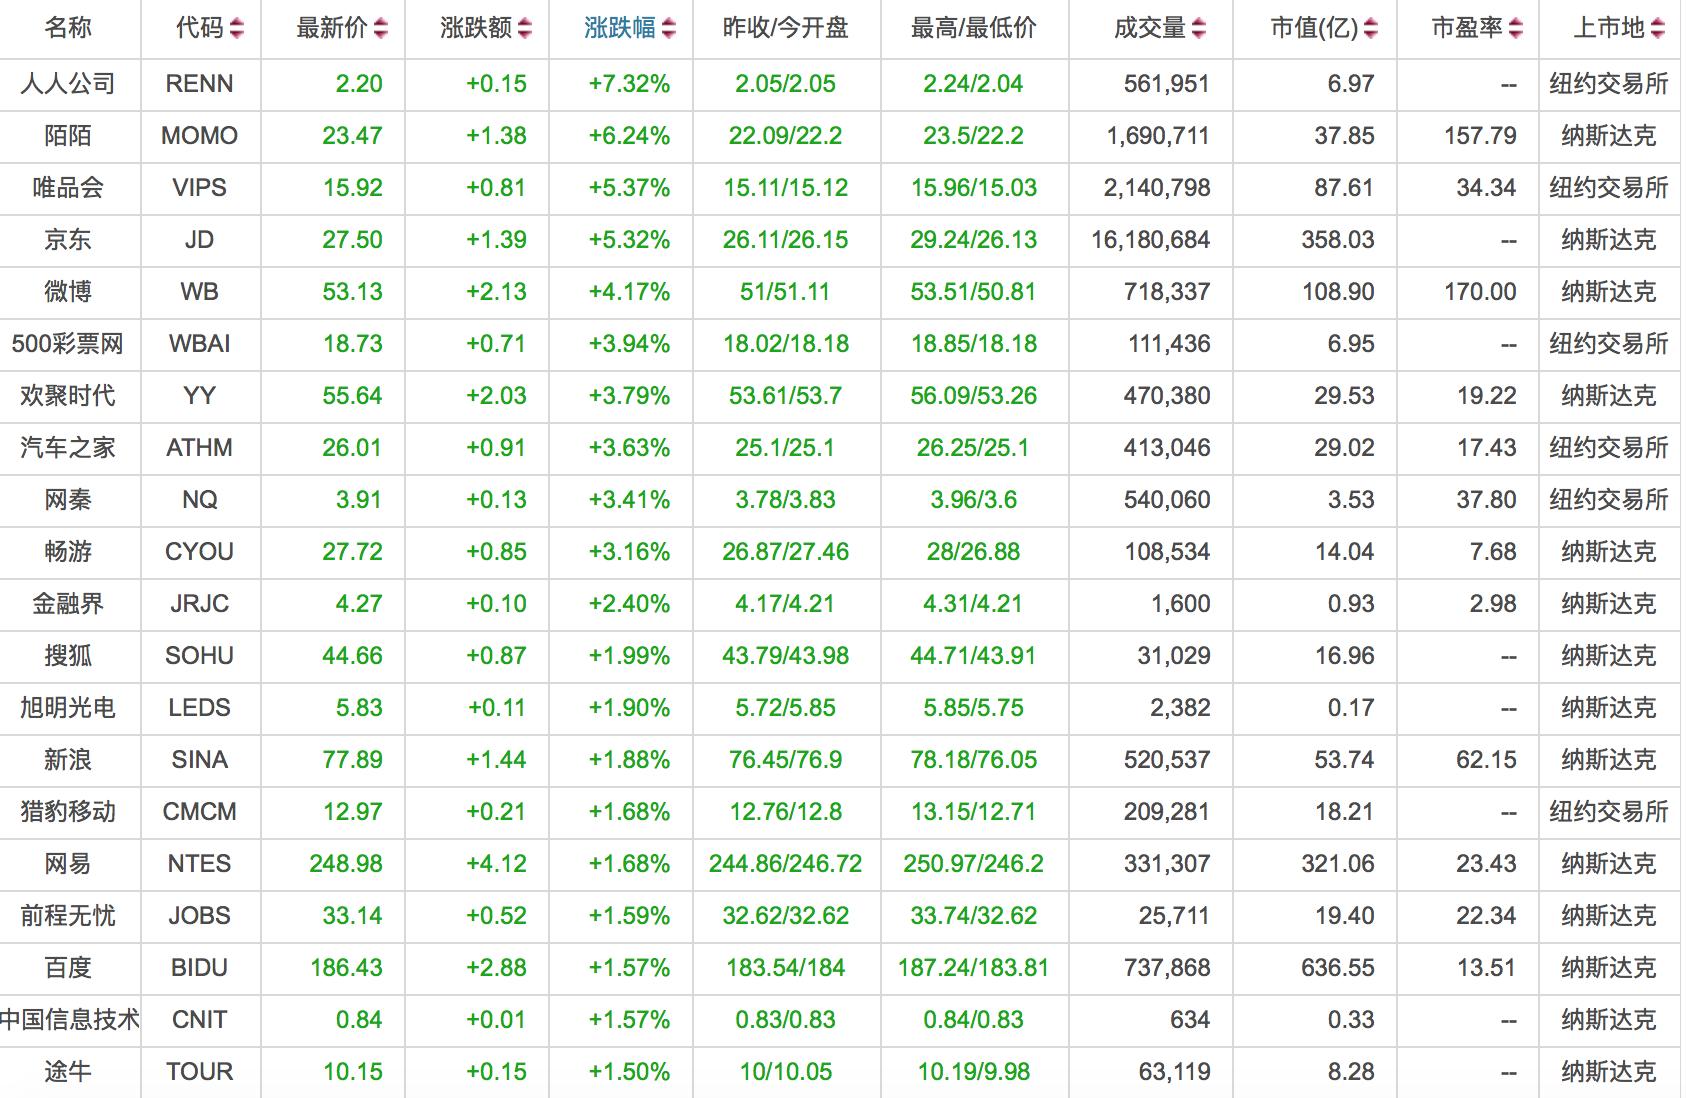 美市早盘京东一度跳涨12% 人人、陌陌领涨中概股